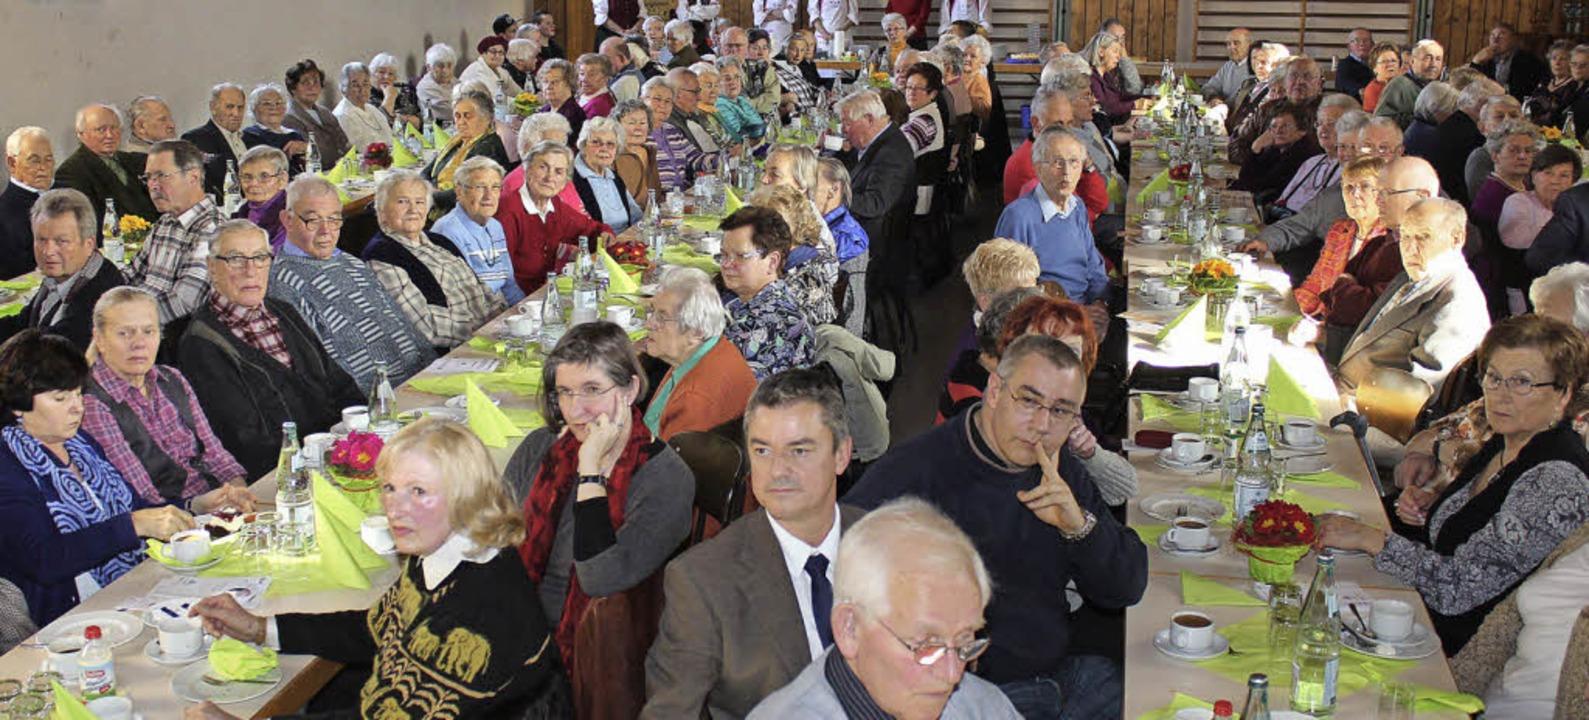 Gut besucht war der Seniorennachmittag der Gemeinde Gottenheim.     Foto: mario schöneberg